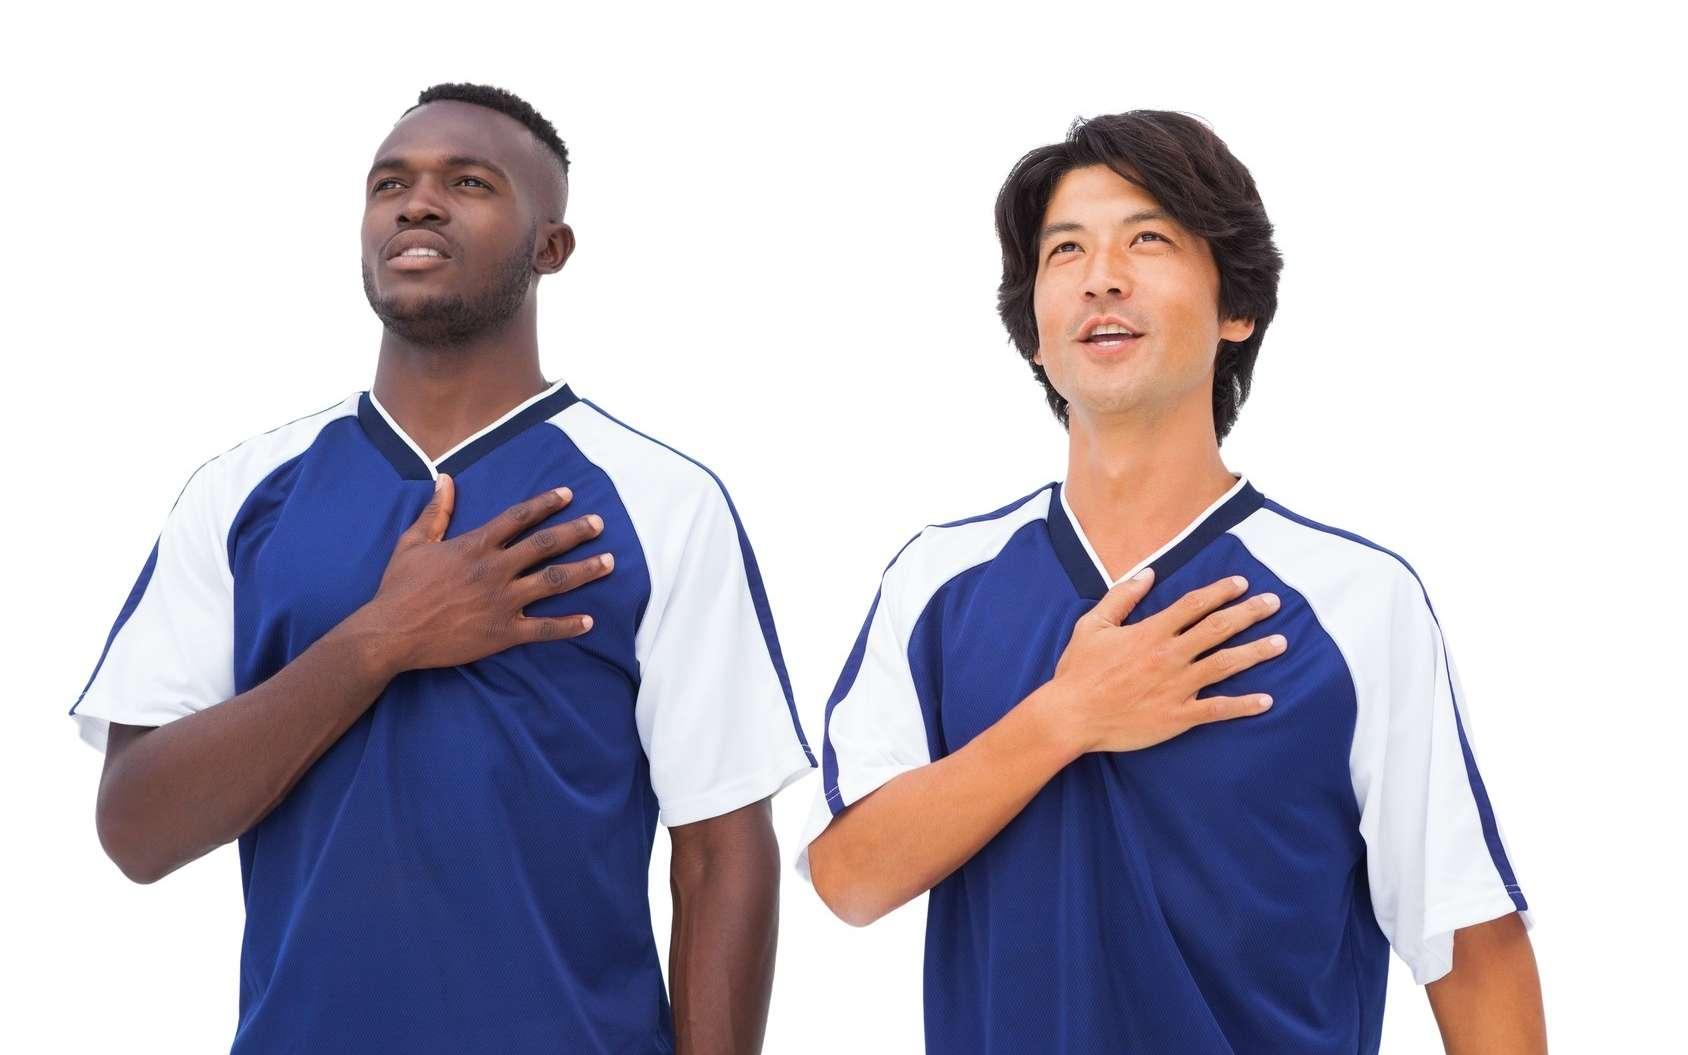 Observez les joueurs pendant qu'ils chantent l'hymne national ! © WavebreakMediaMicro, Fotolia